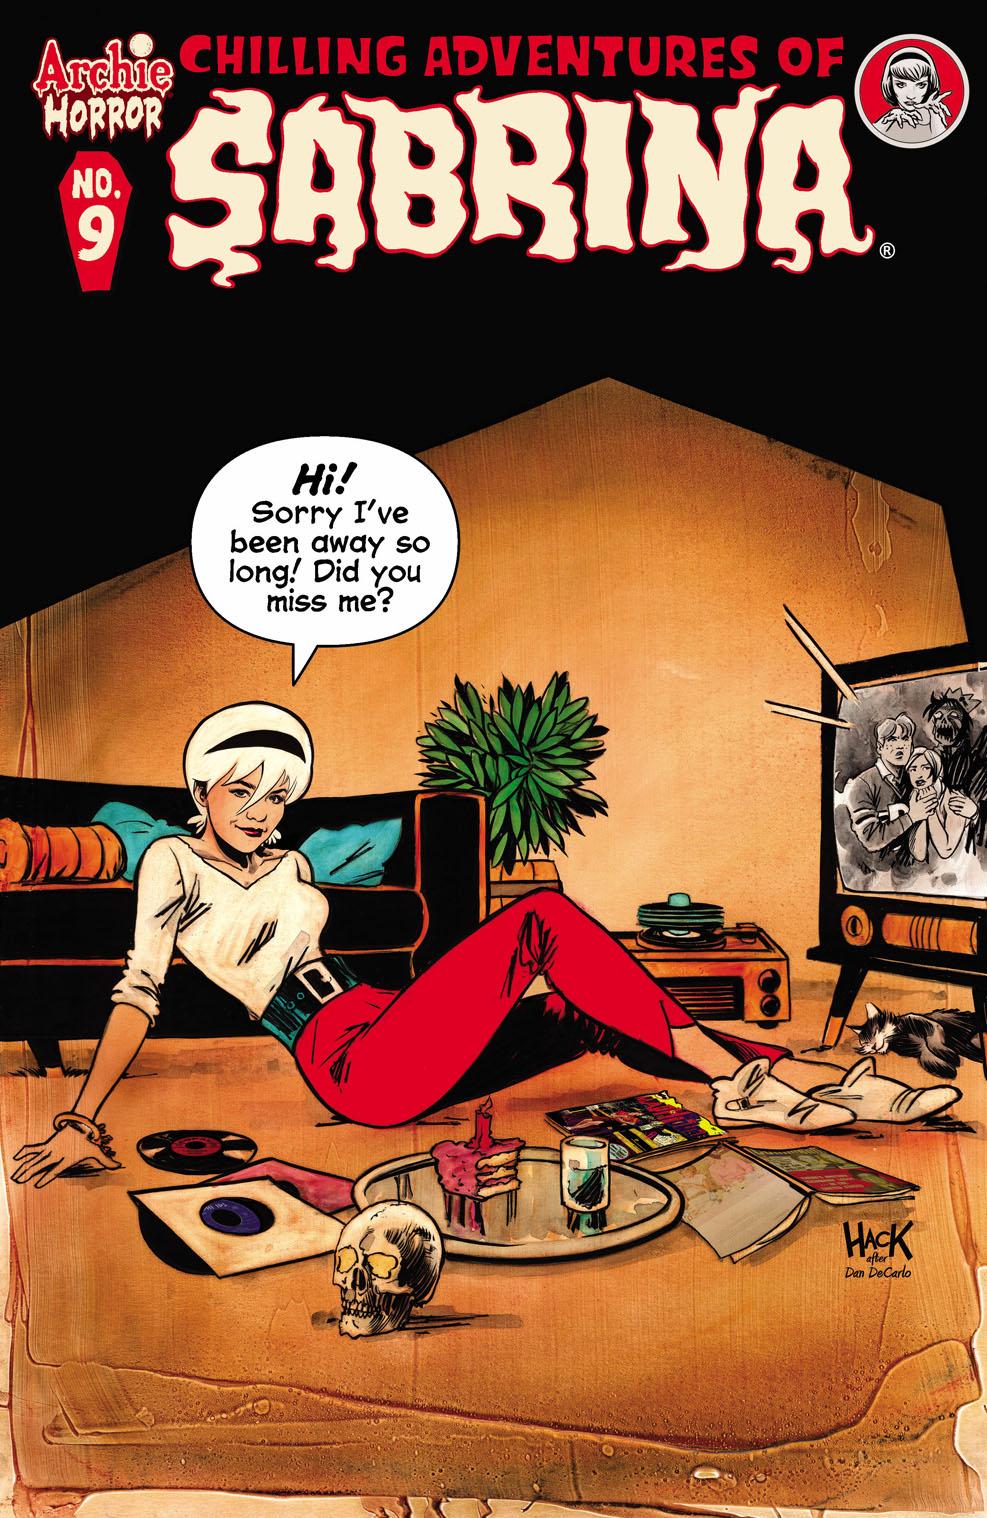 Sabrina9 Archie Comic Publications October 2021 Solicitations